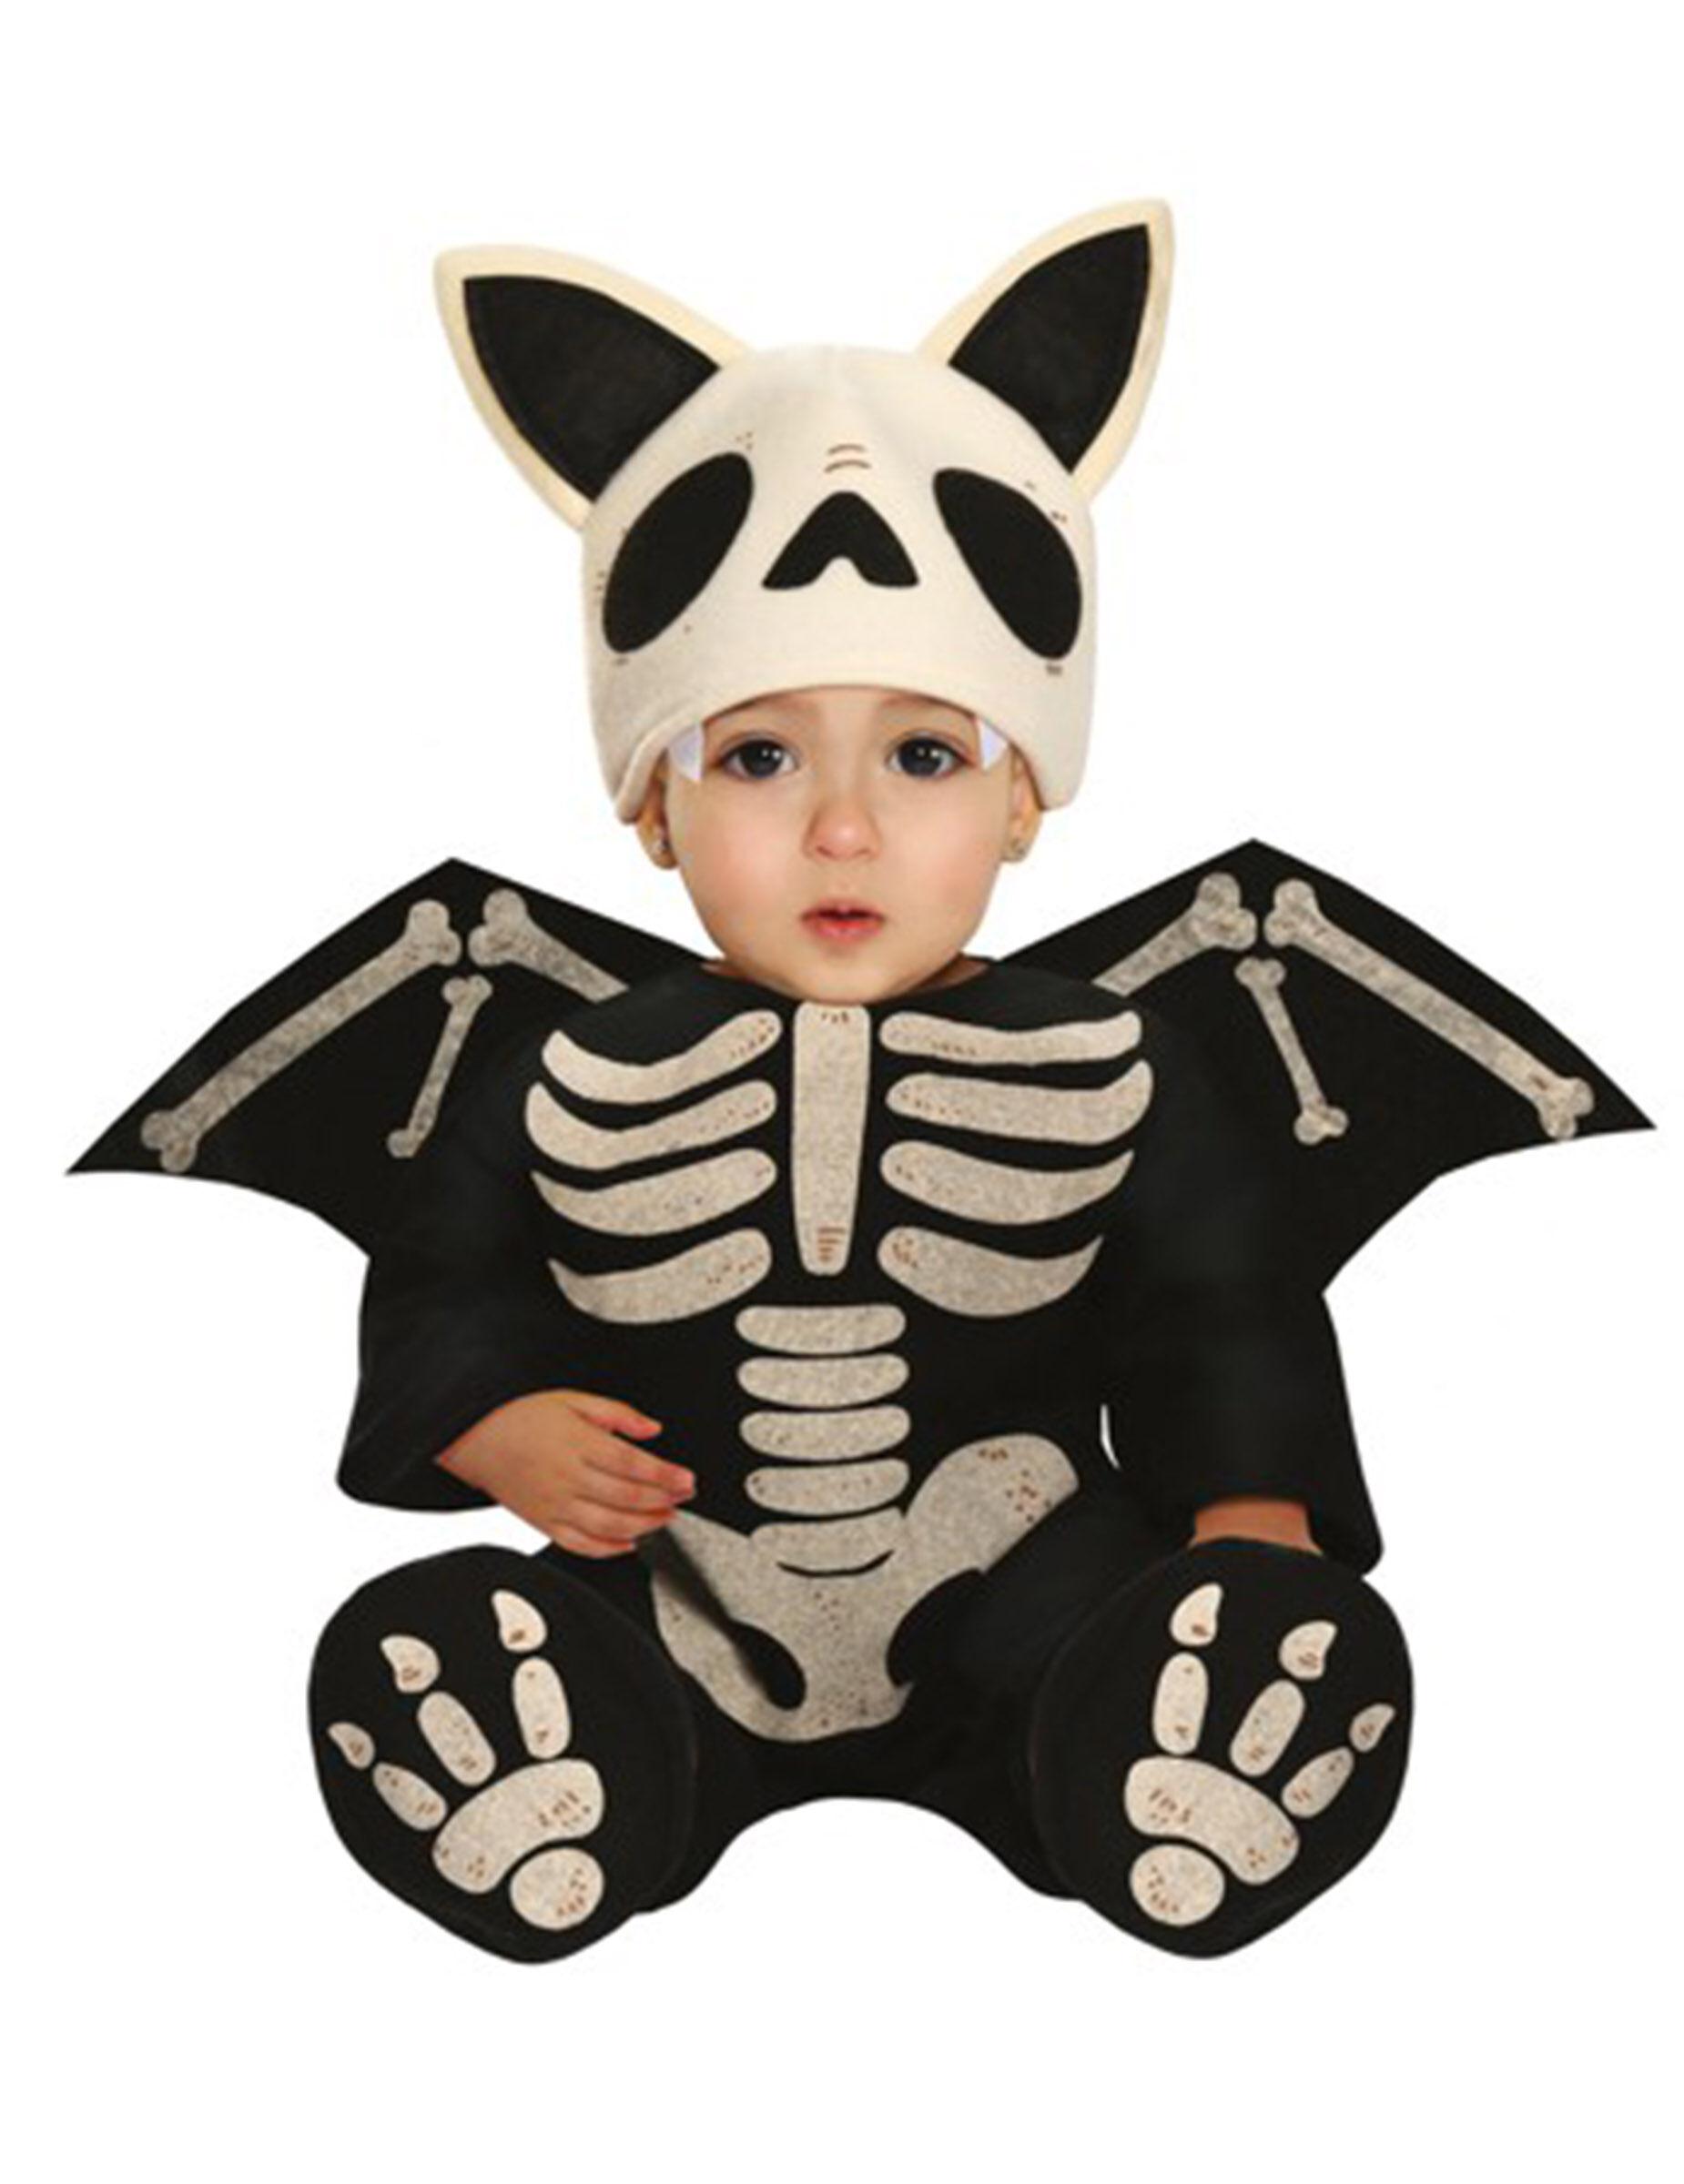 Deguisetoi Déguisement squelette chauve-souris bébé - Taille: 6 à 12 mois (82-83 cm)